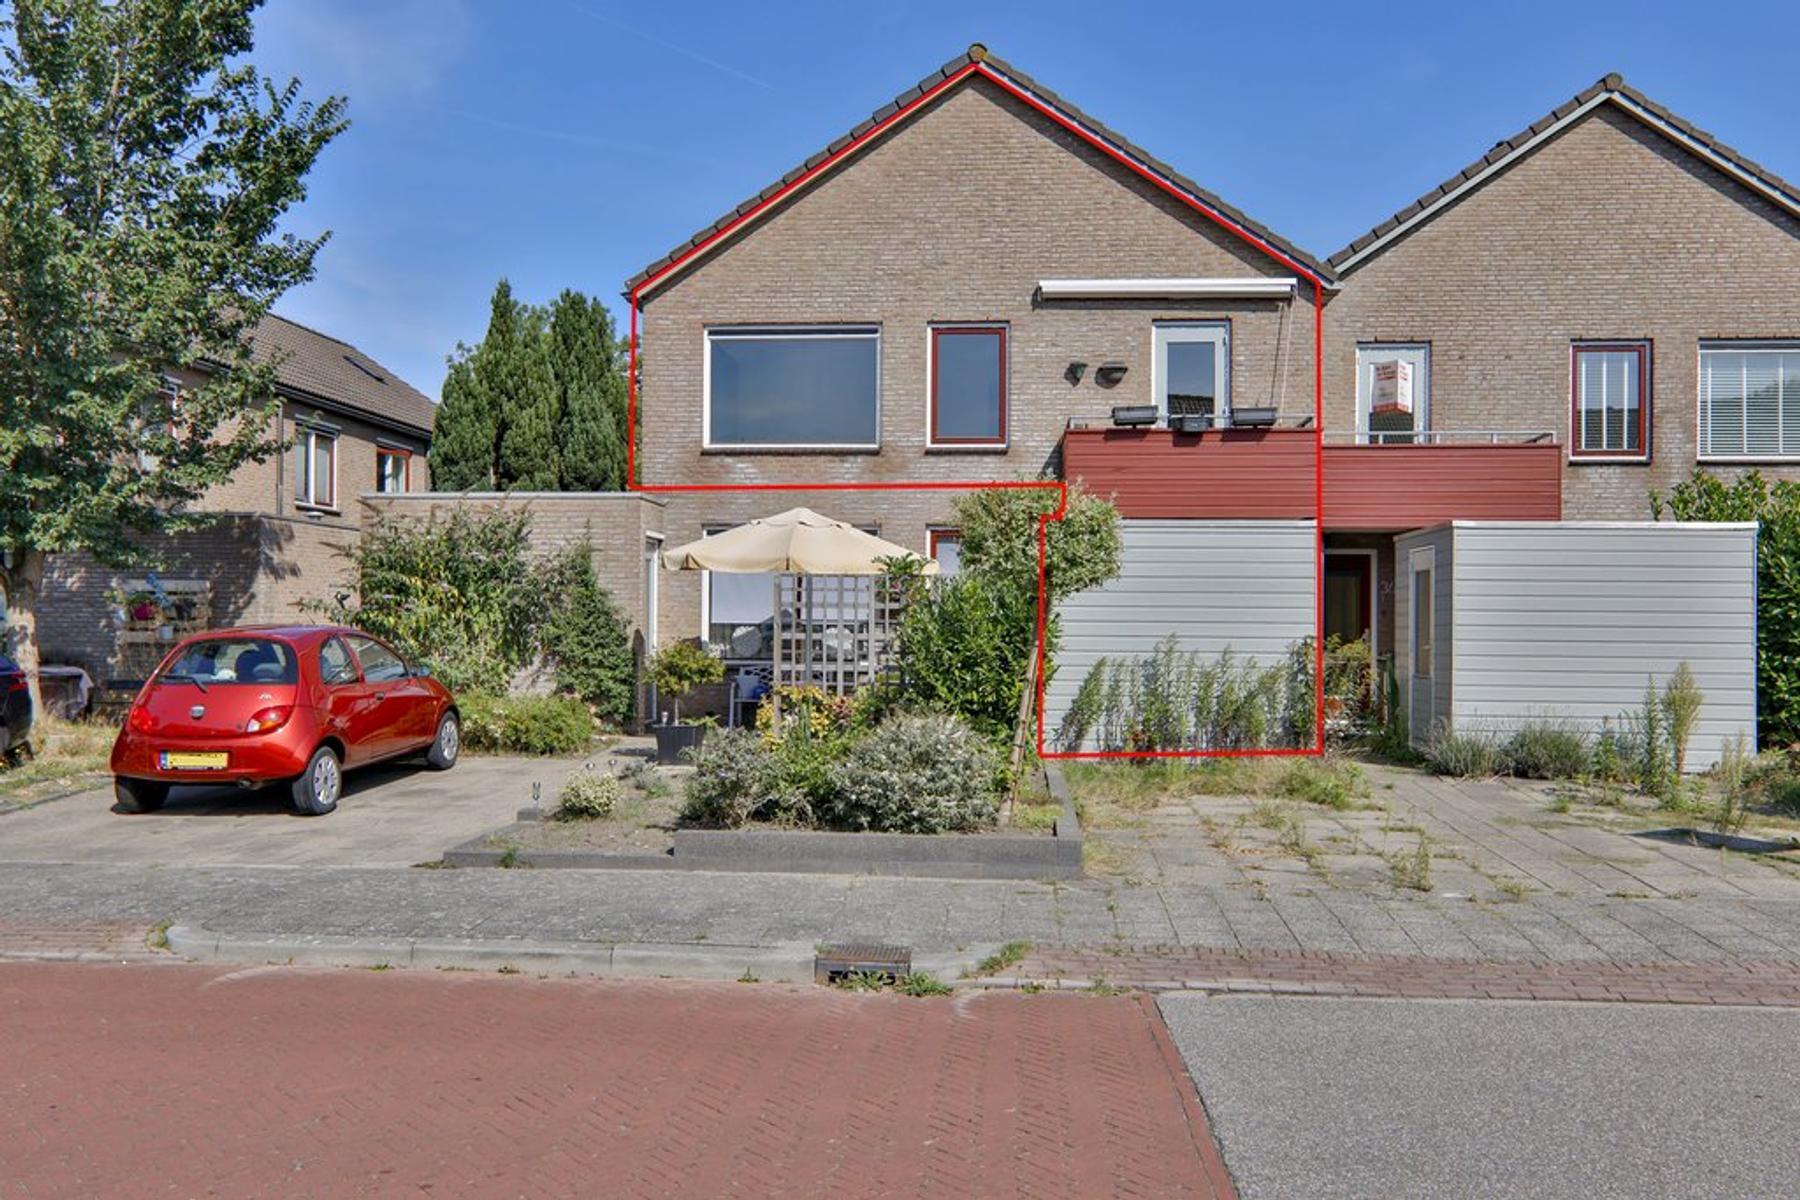 Jennerstraat 38 in Hoogeveen 7909 EA